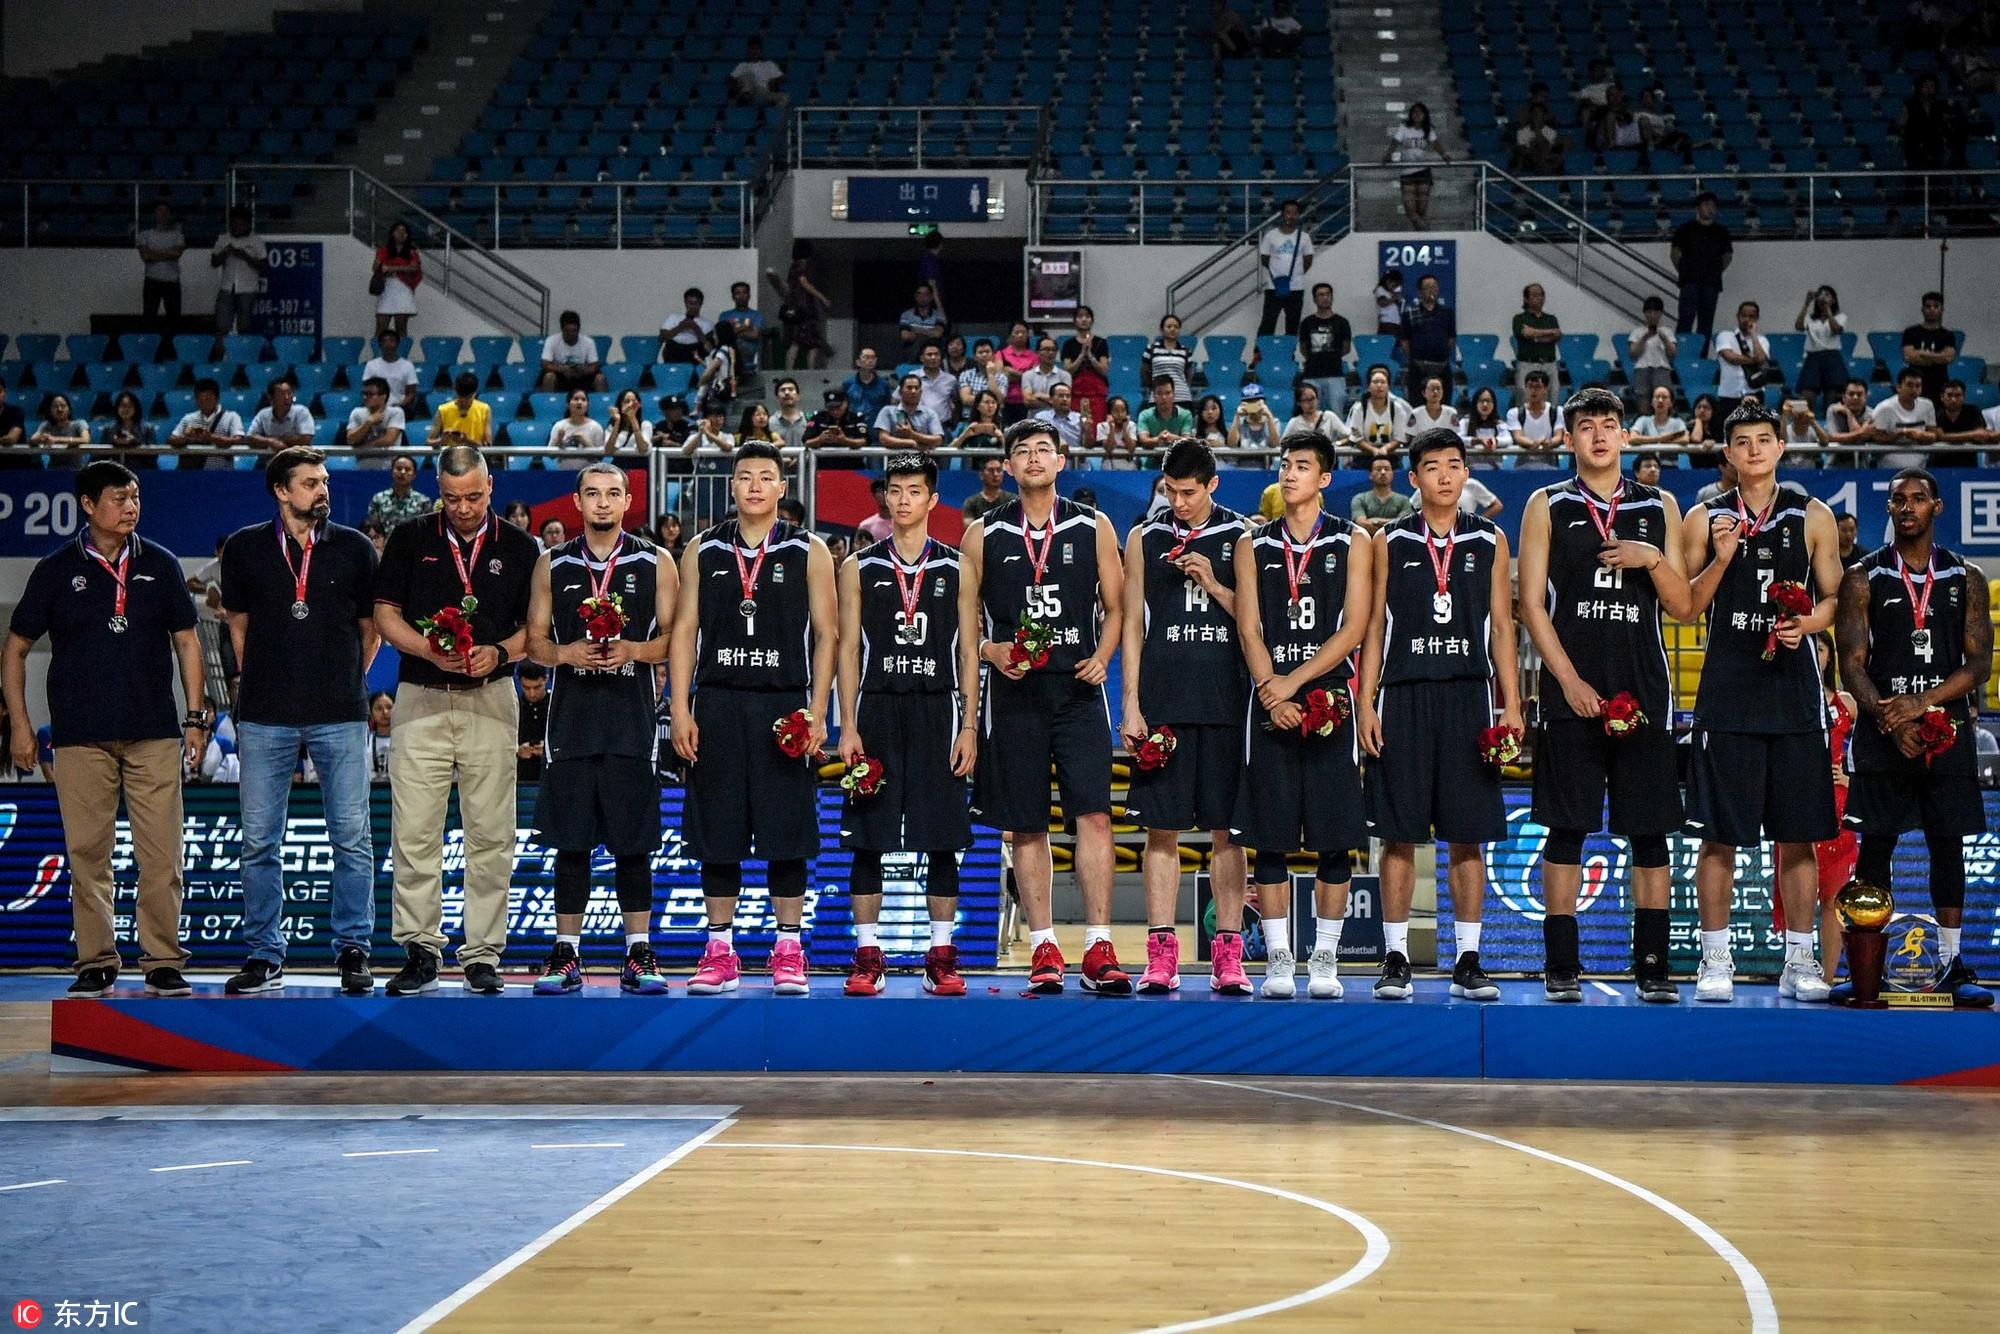 高清:篮球亚冠颁奖仪式 新疆获亚军难掩失落